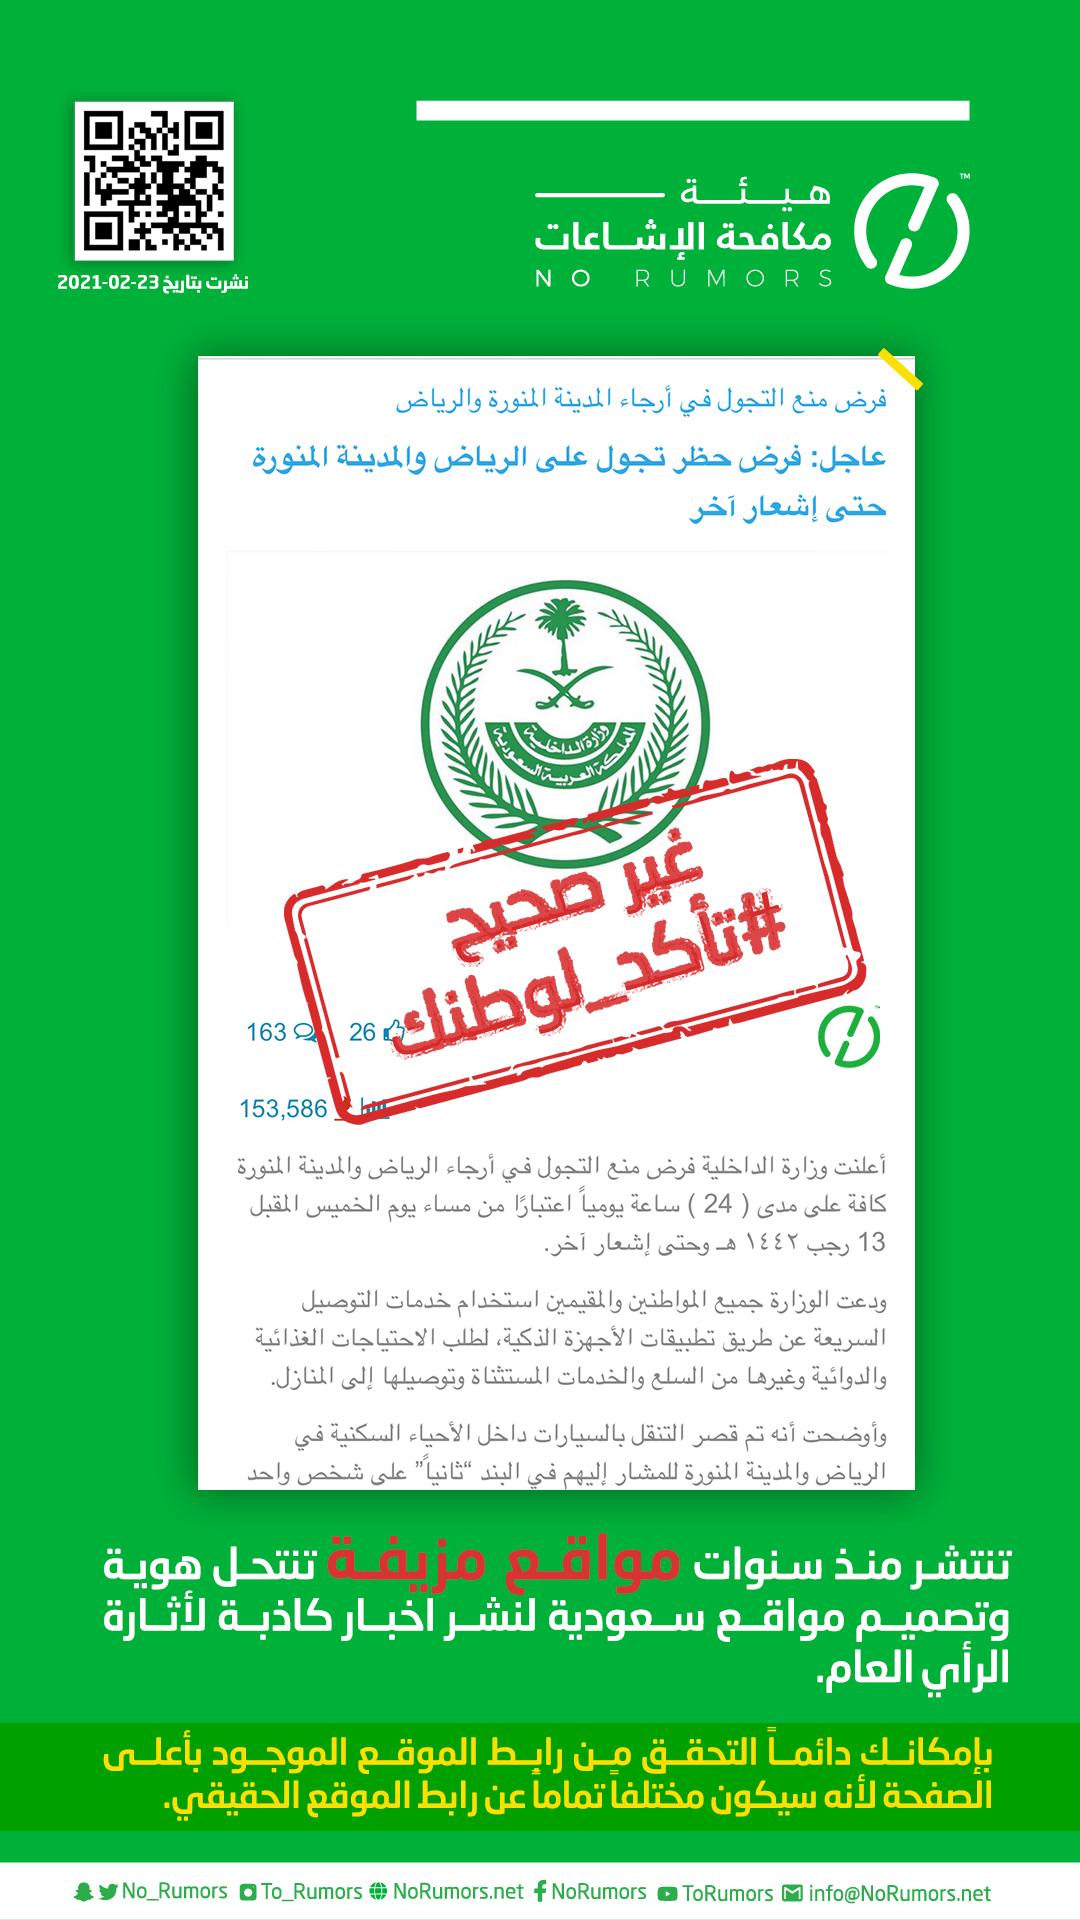 حقيقة فرض حظر تجول في الرياض والمدينة المنورة إعتباراً من ١٣ رجب ١٤٤٢ هـ